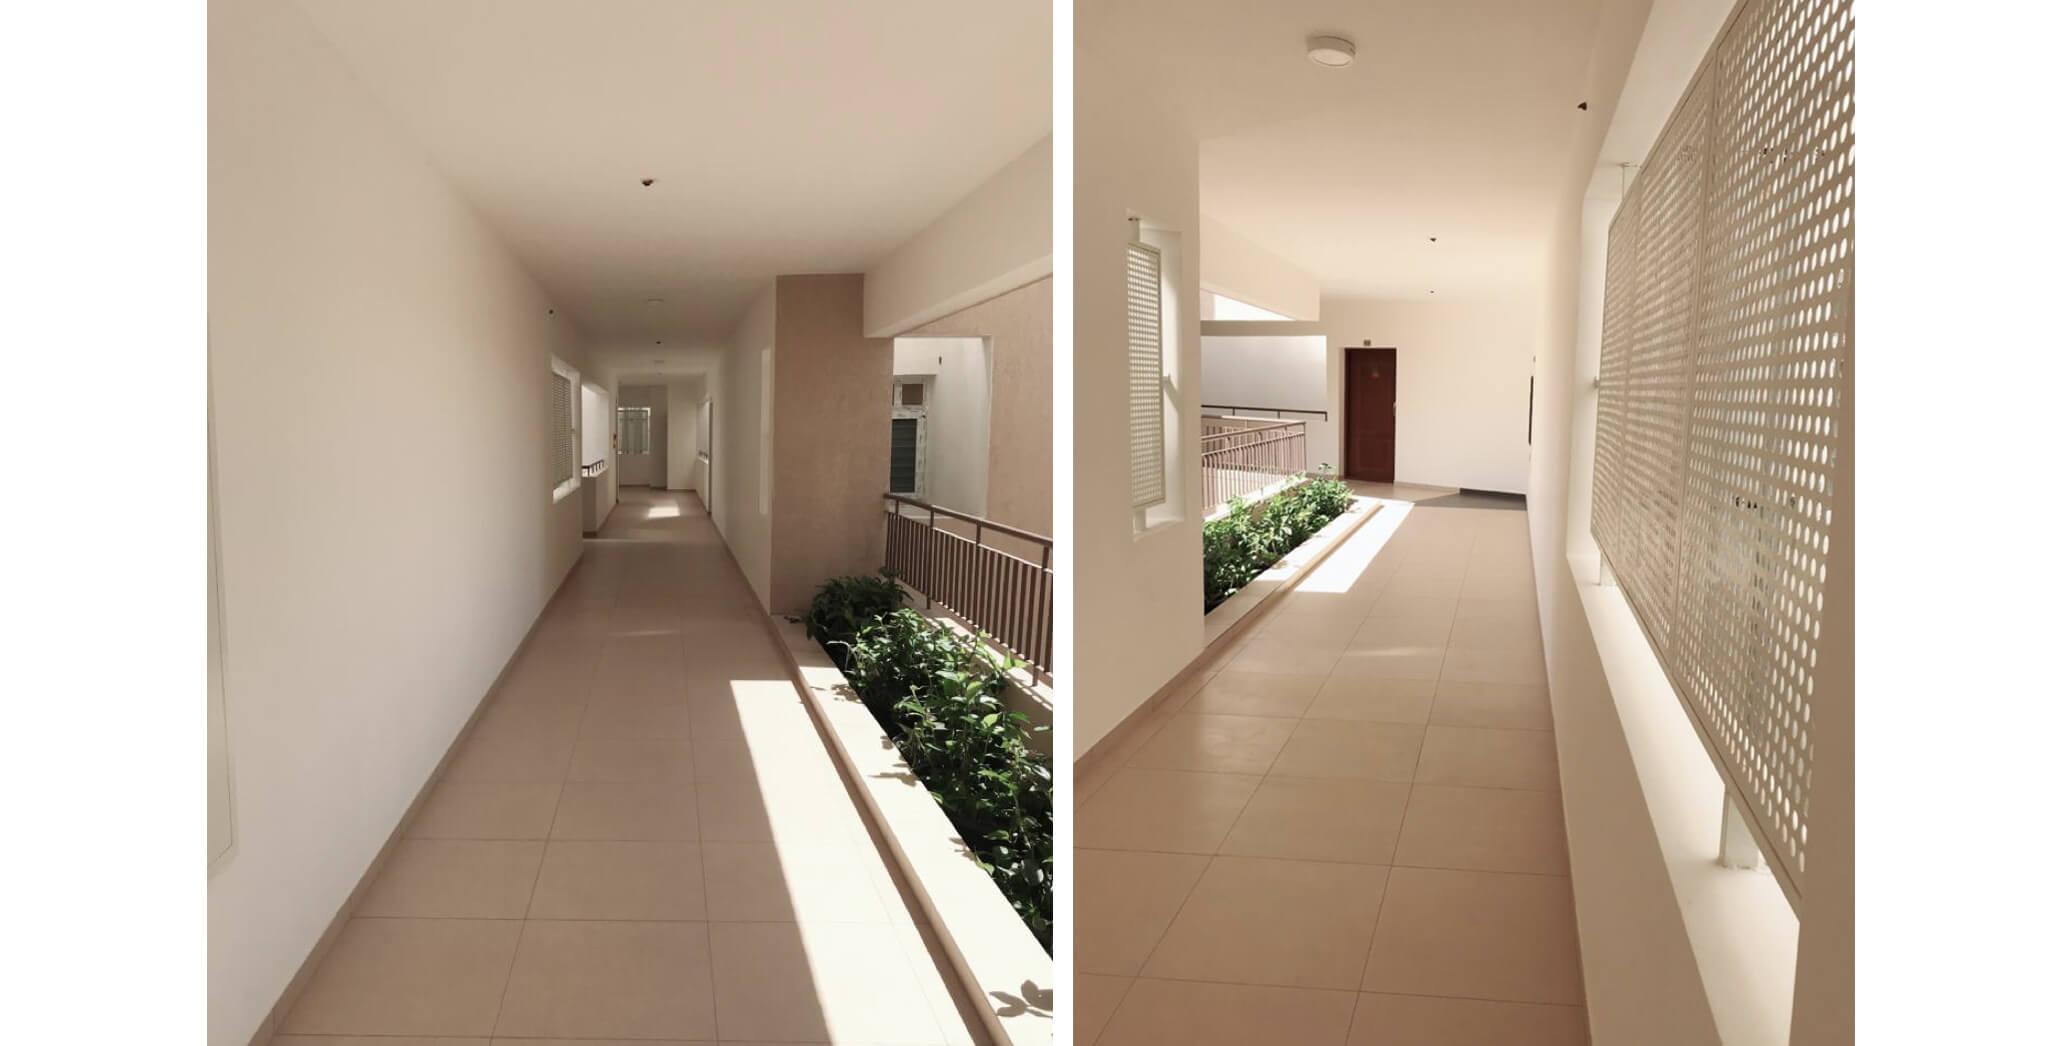 Nov 2019 - Deodar—G block: Corridor–Final coat, painting completed